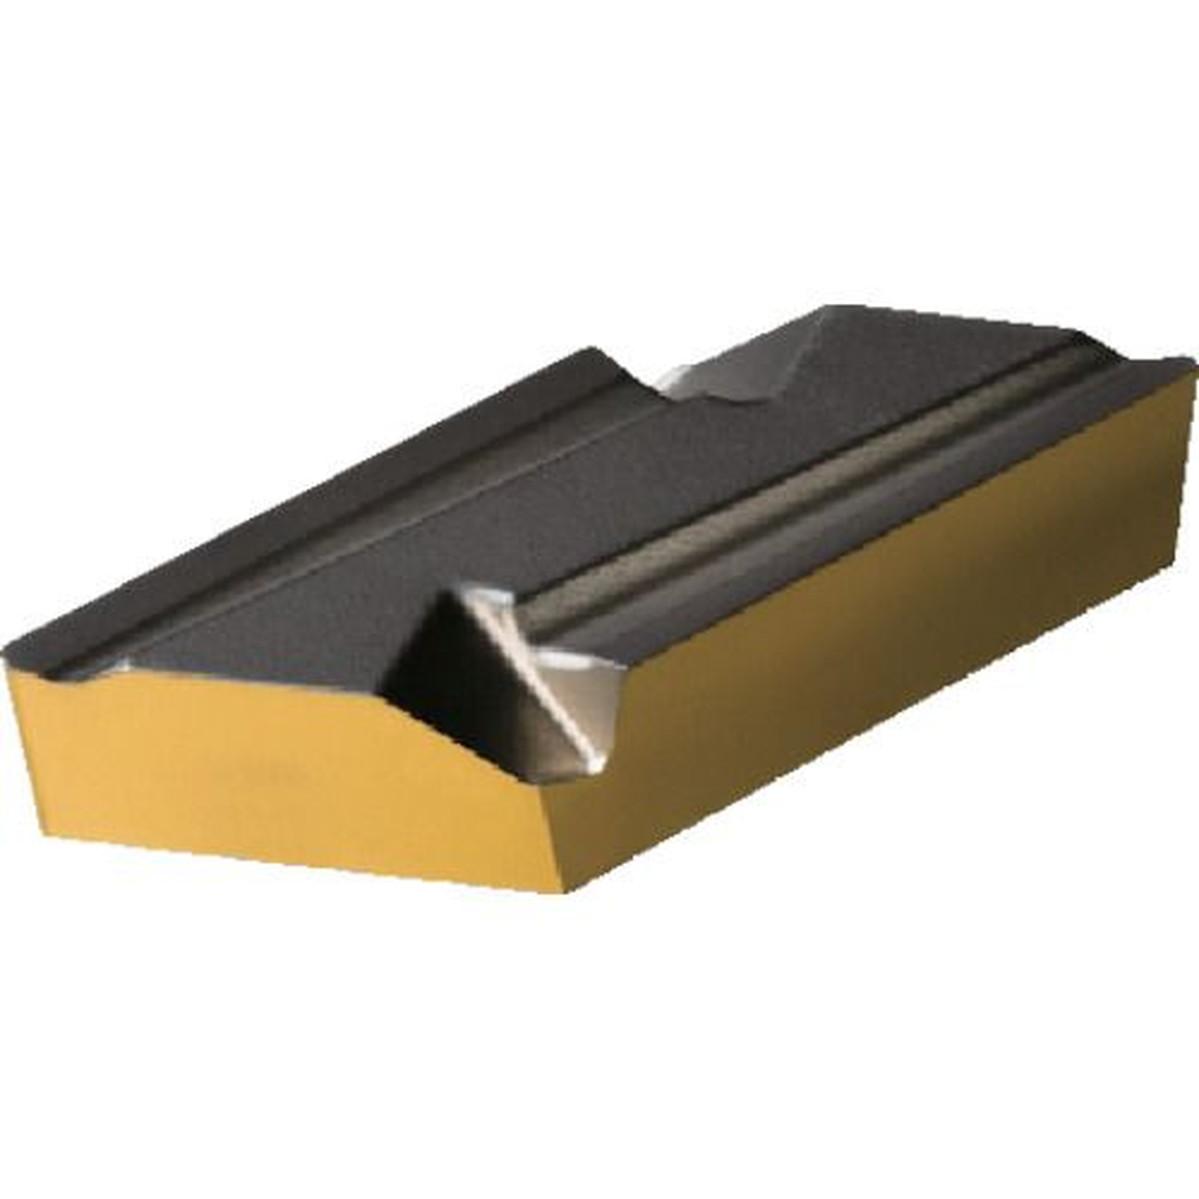 新品同様 サンドビック COAT T−MAXPチップ T-MAXPチップ サンドビック COAT 10個, 清潔保ち隊:21856995 --- independentescortsdelhi.in